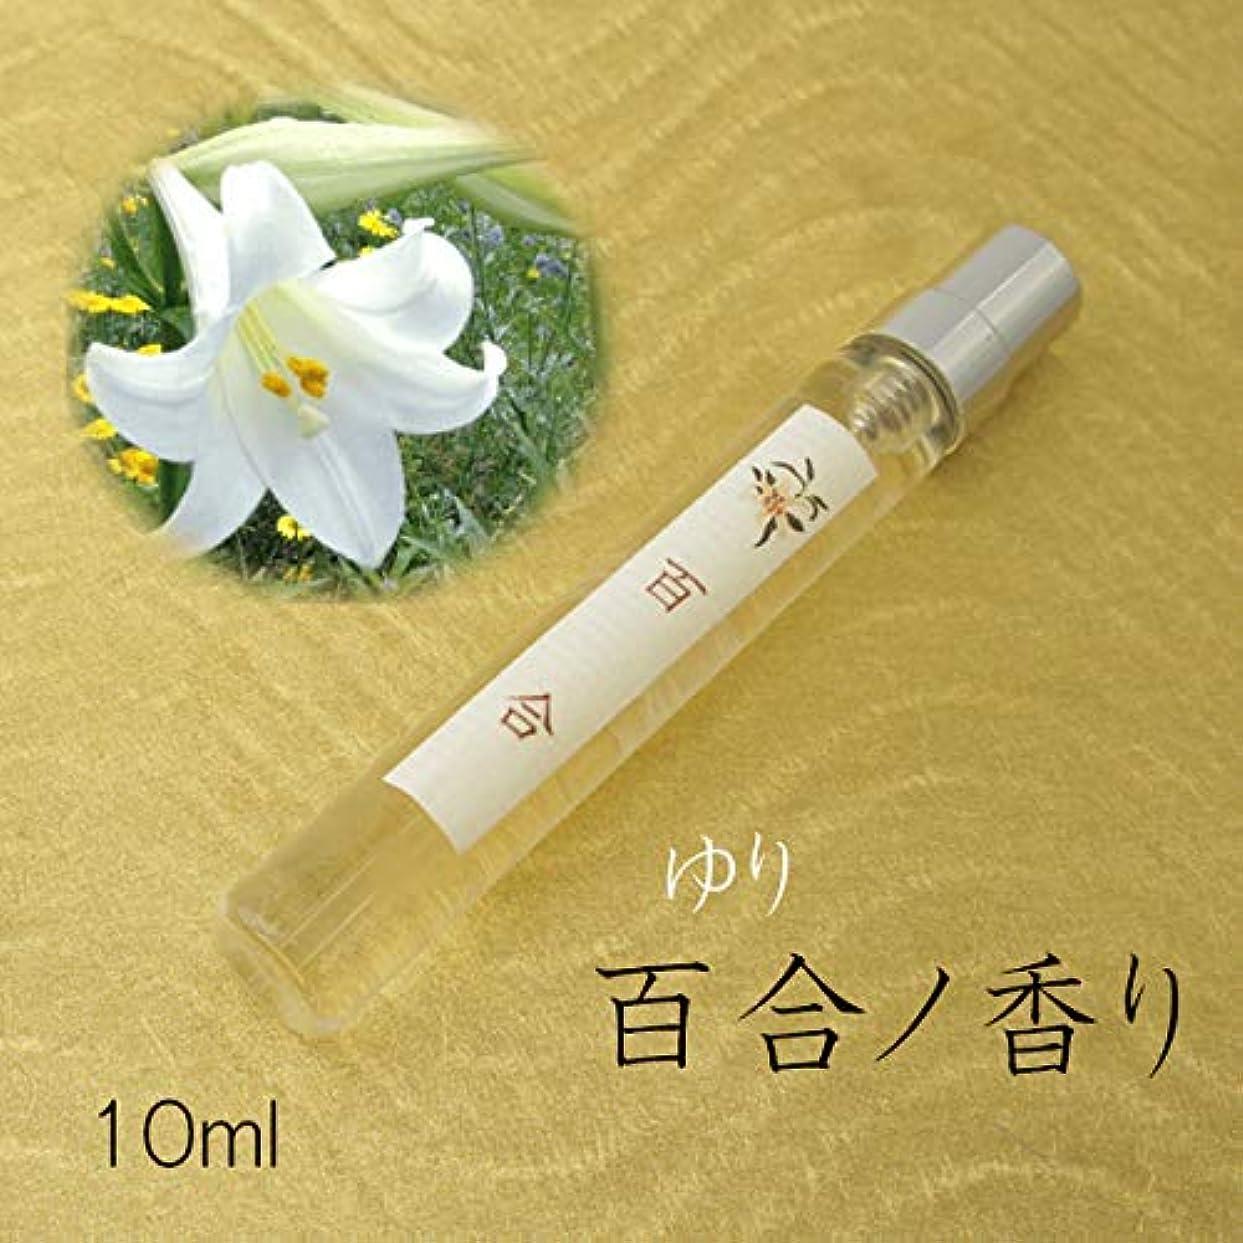 微生物解体するひそかに嗅ぐ楽しみ付花ボトルセット リアル花ノ香 百合